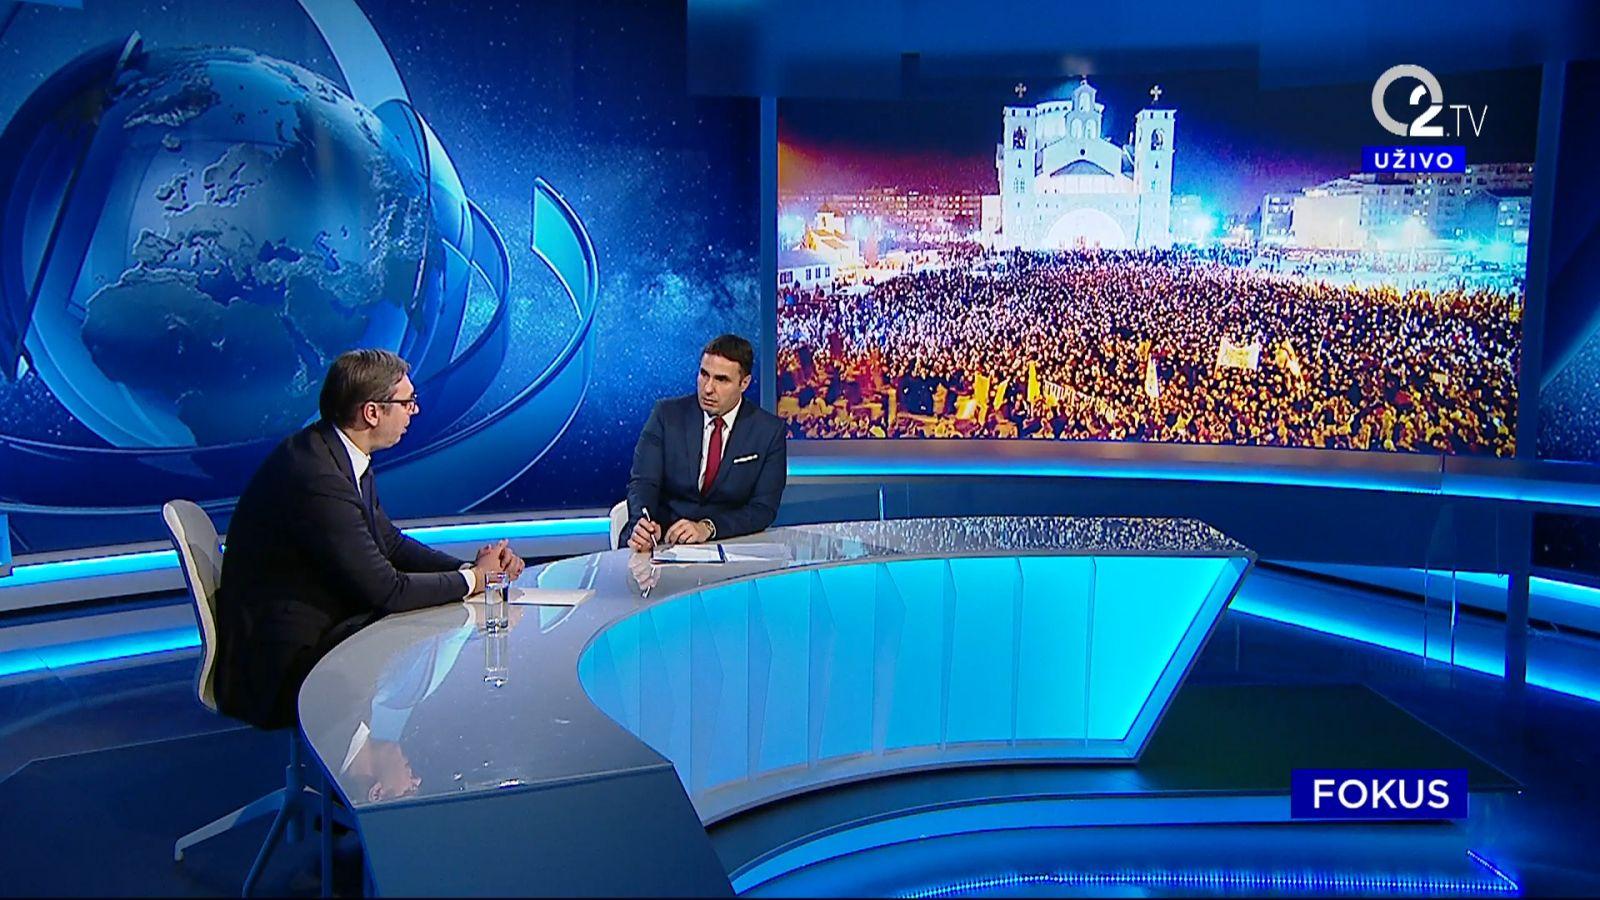 Predsednik Aleksandar Vucic o situaciji u CG i SPC, Dusanu Markovicu.